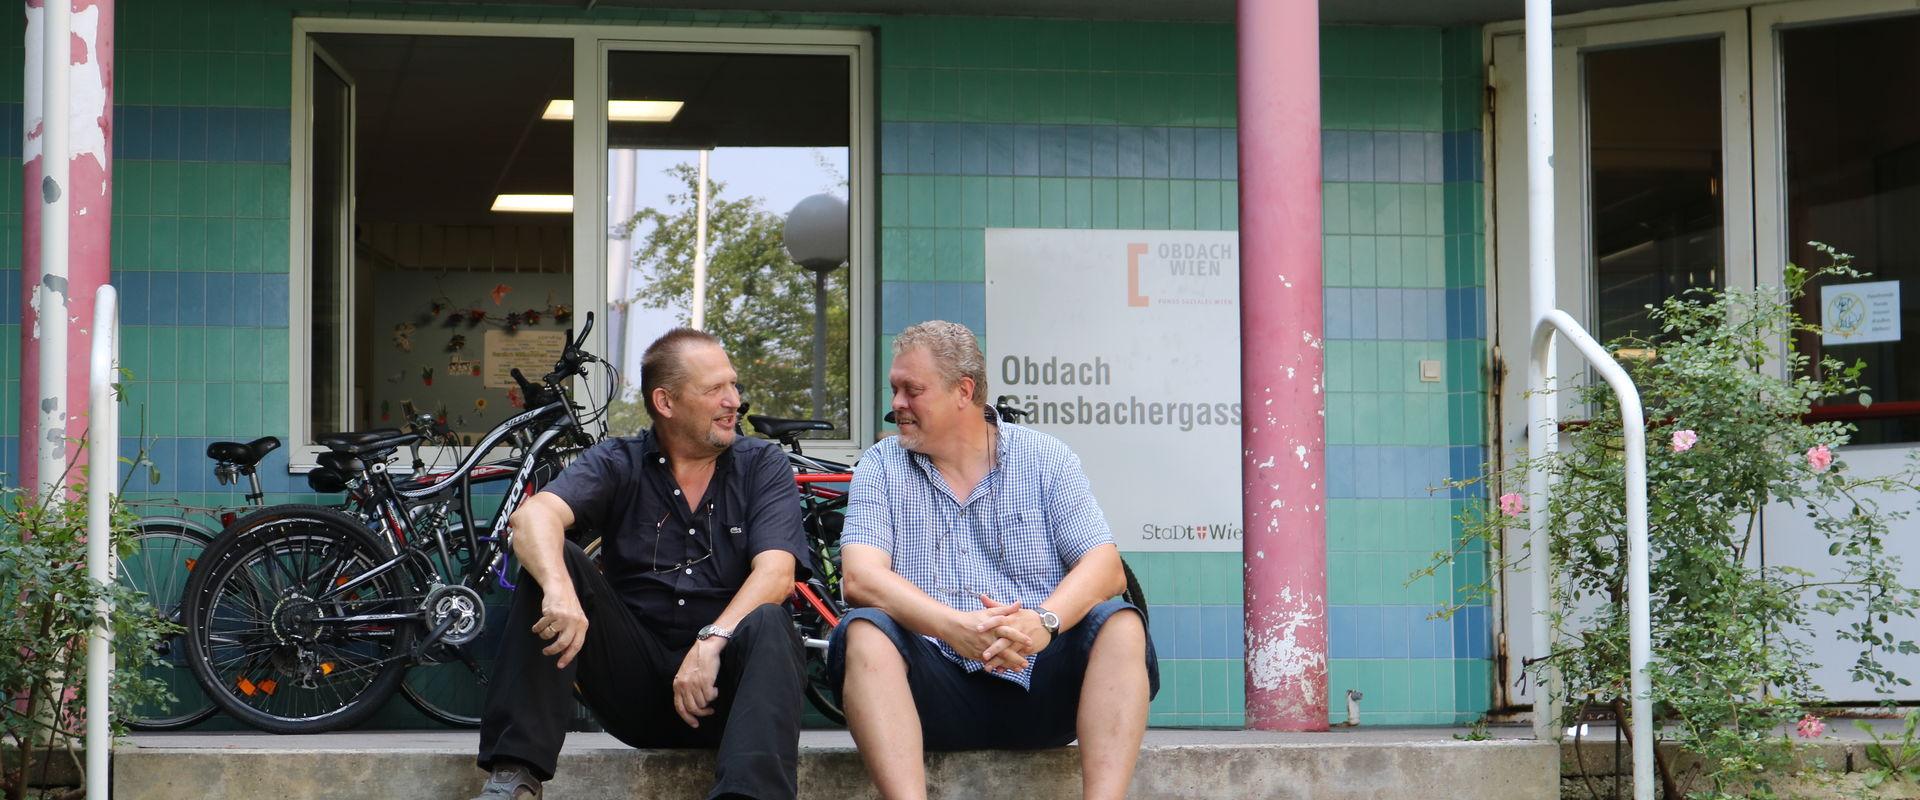 Gustl und Peter vor ihrer Arbeitsstätte: dem Obdach Gänsbachergasse.